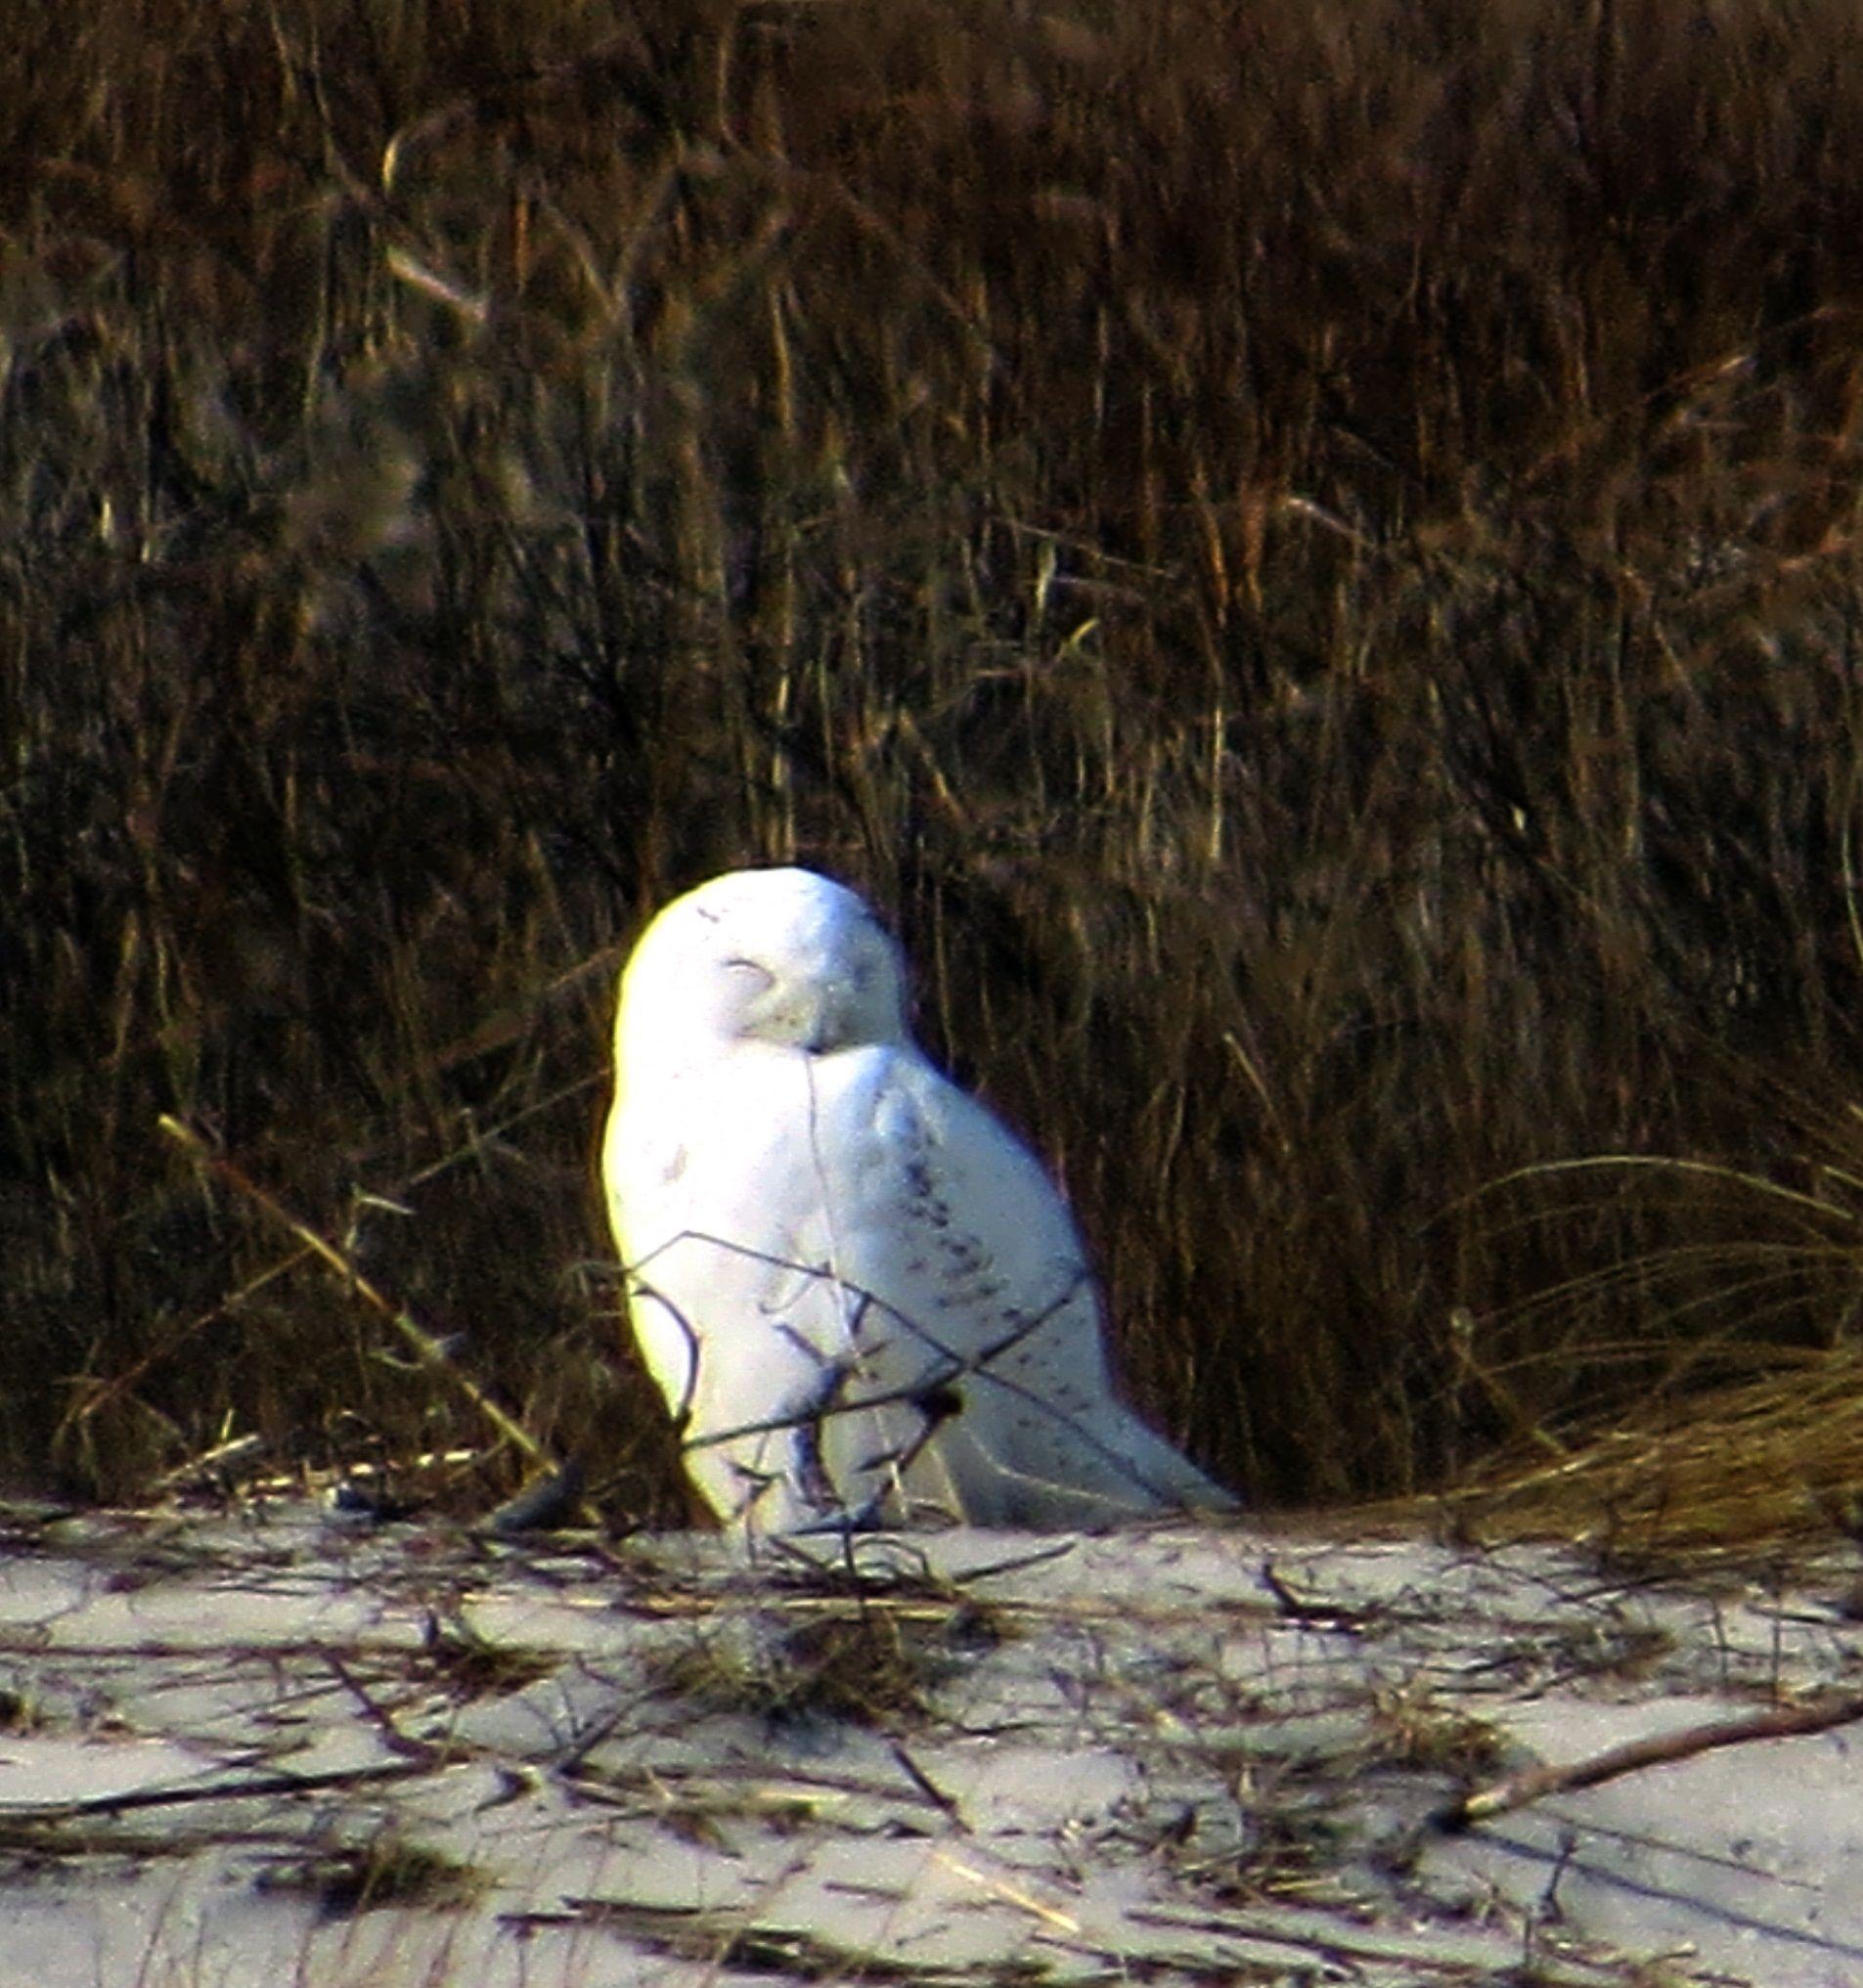 Male snowy enjoying a snooze in the sun. Forsythe NWR, NJ.